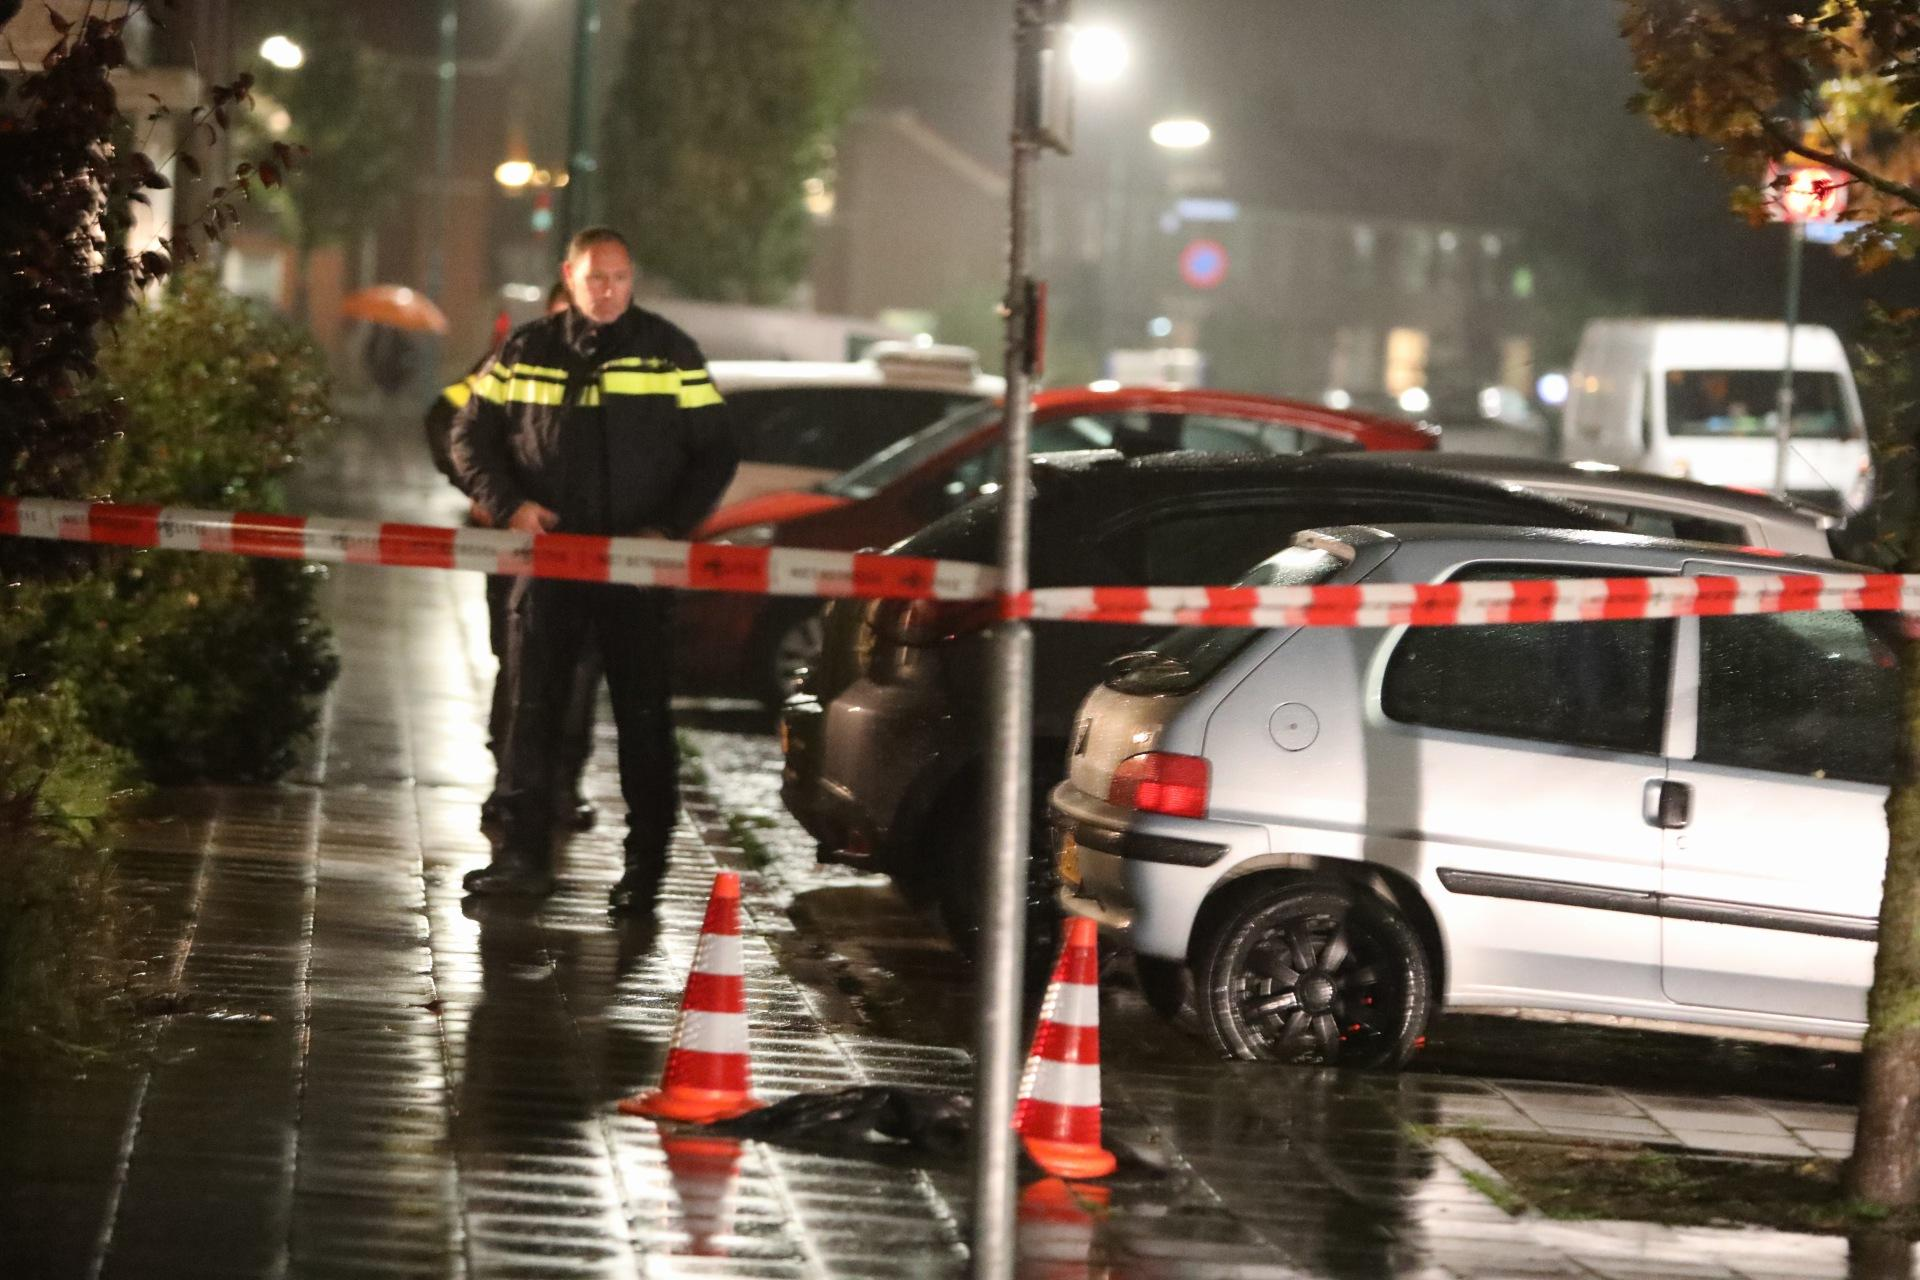 Steekincident in Baarn blijkt vechtpartij te zijn [update]